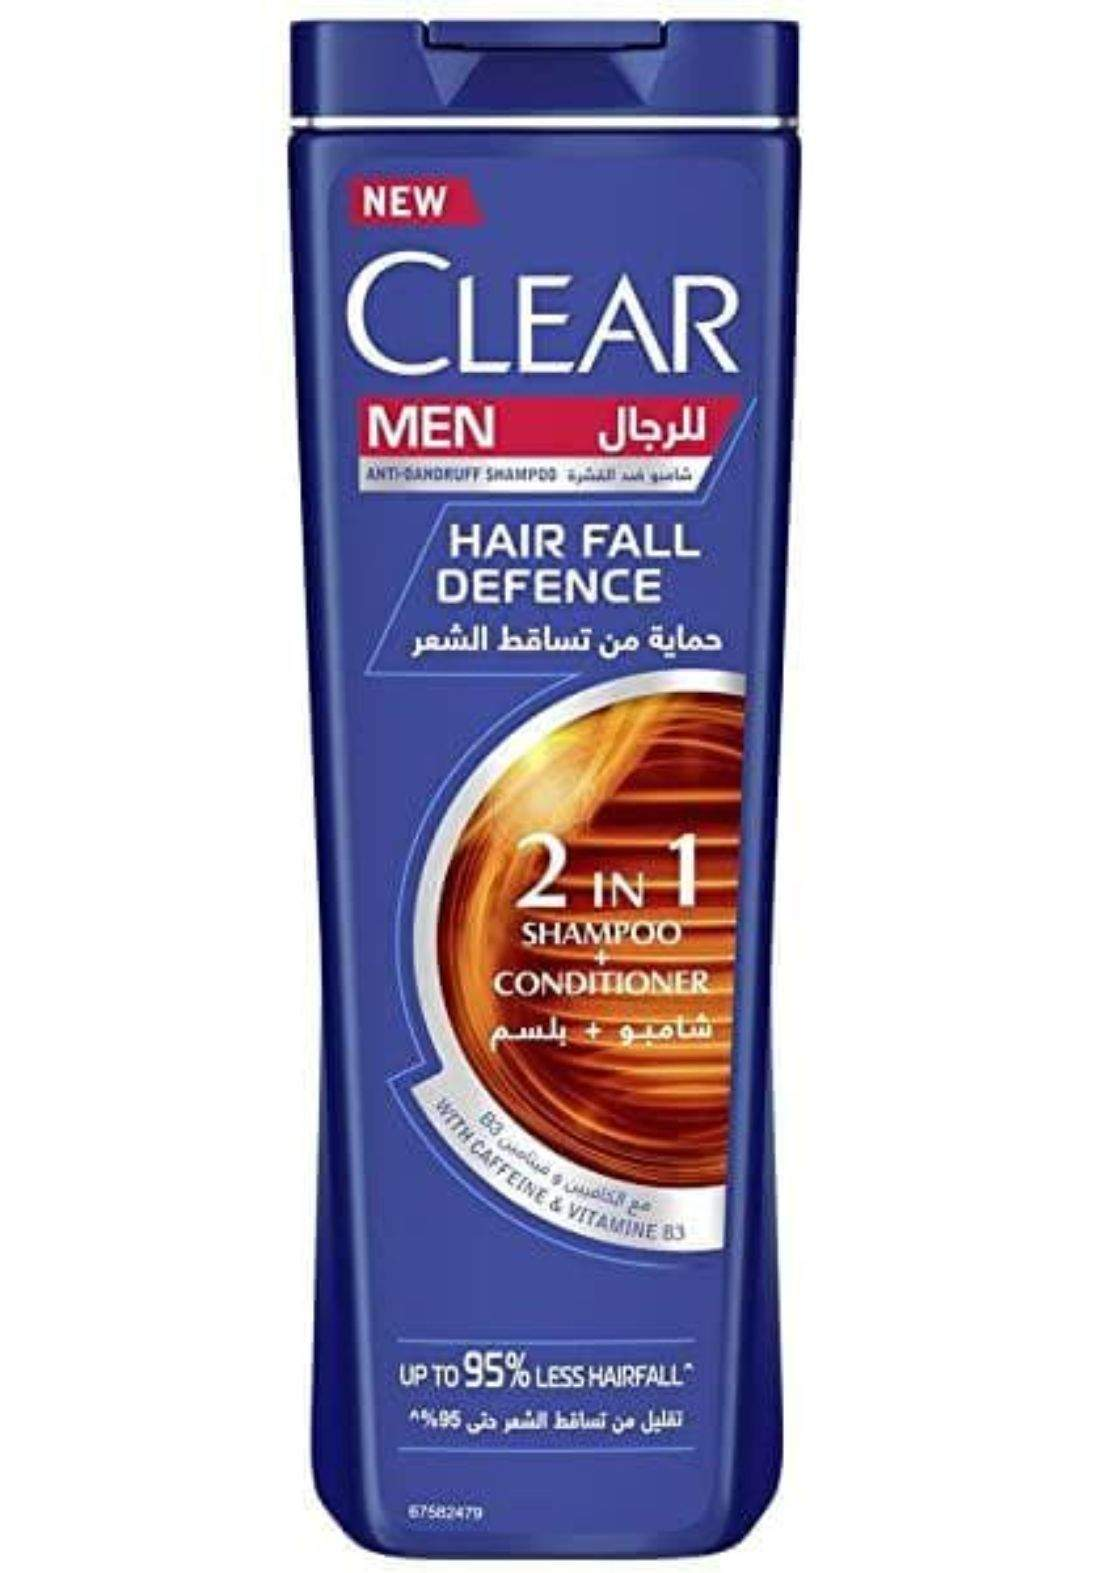 Clear for men shampoo 600ml شامبو للرجال كلير